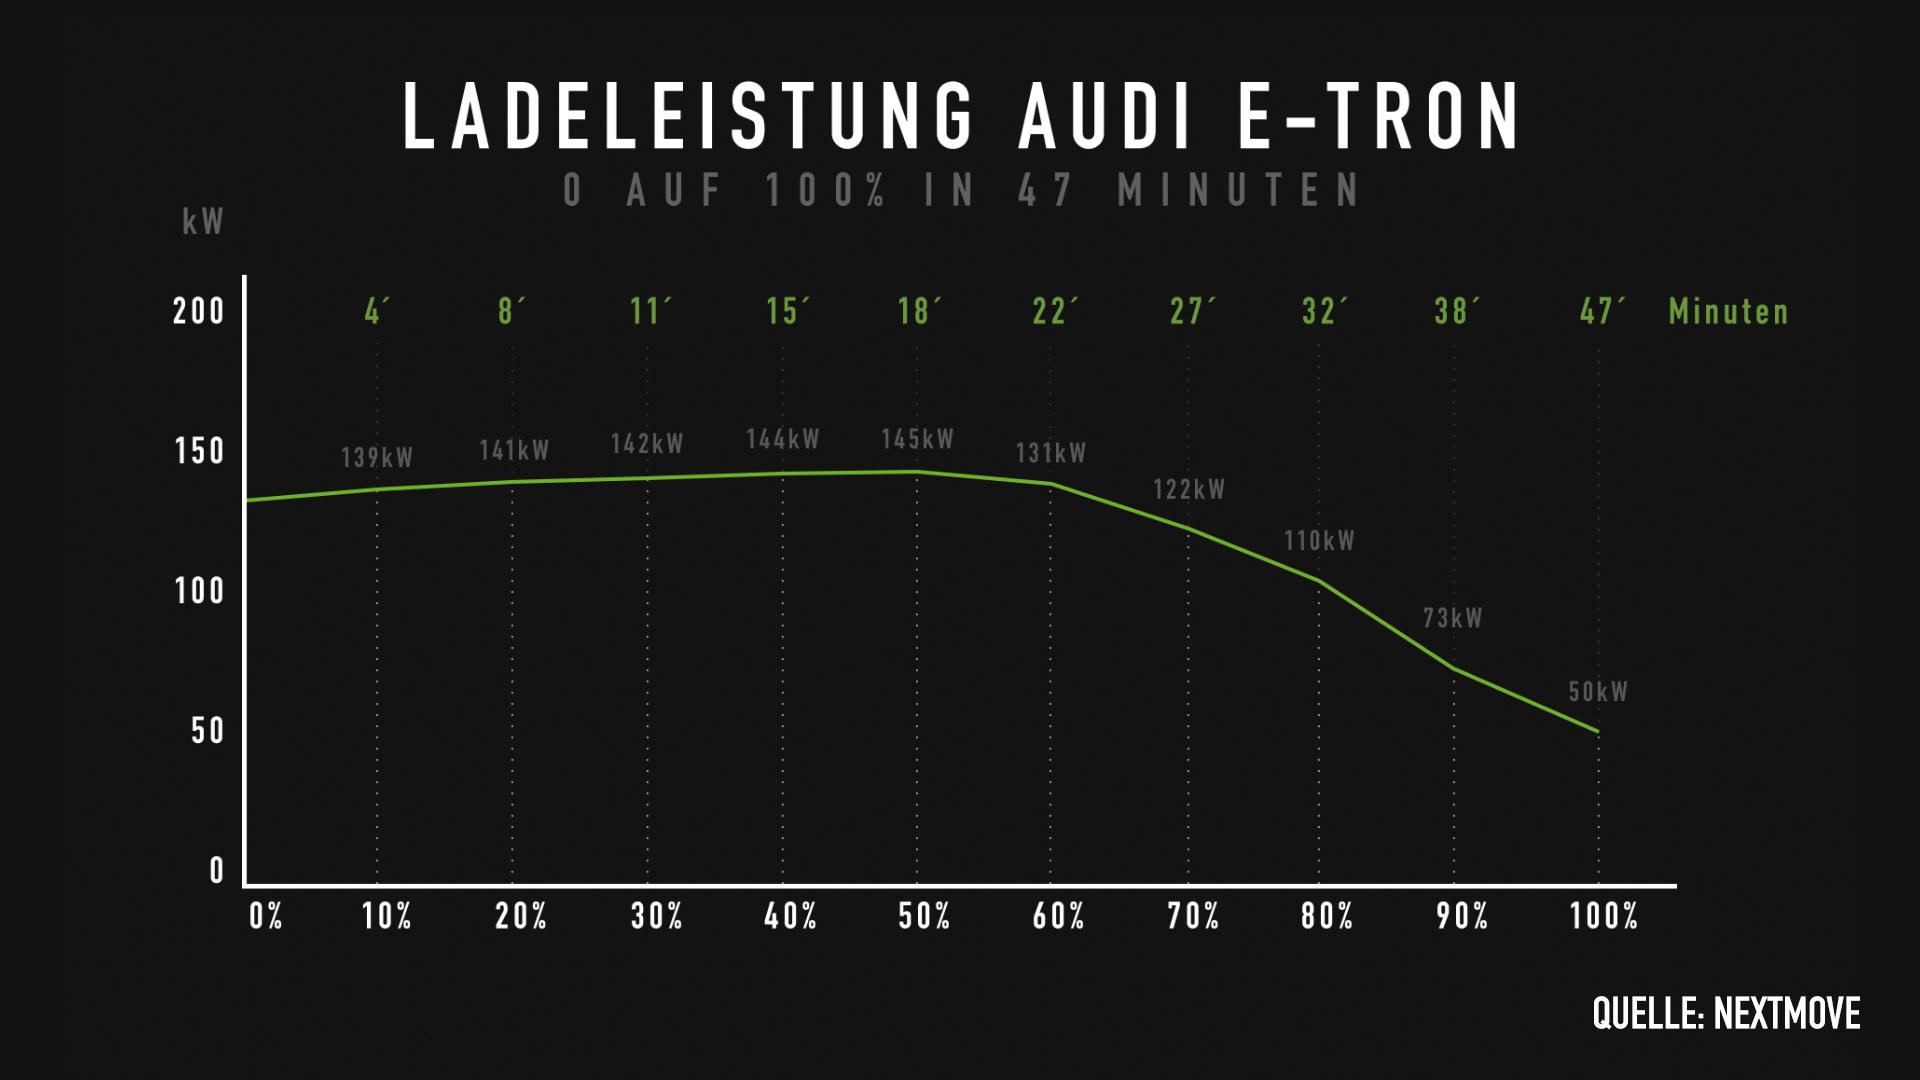 Ladeleistung Audi e-ton 0 auf 100% nextmove_